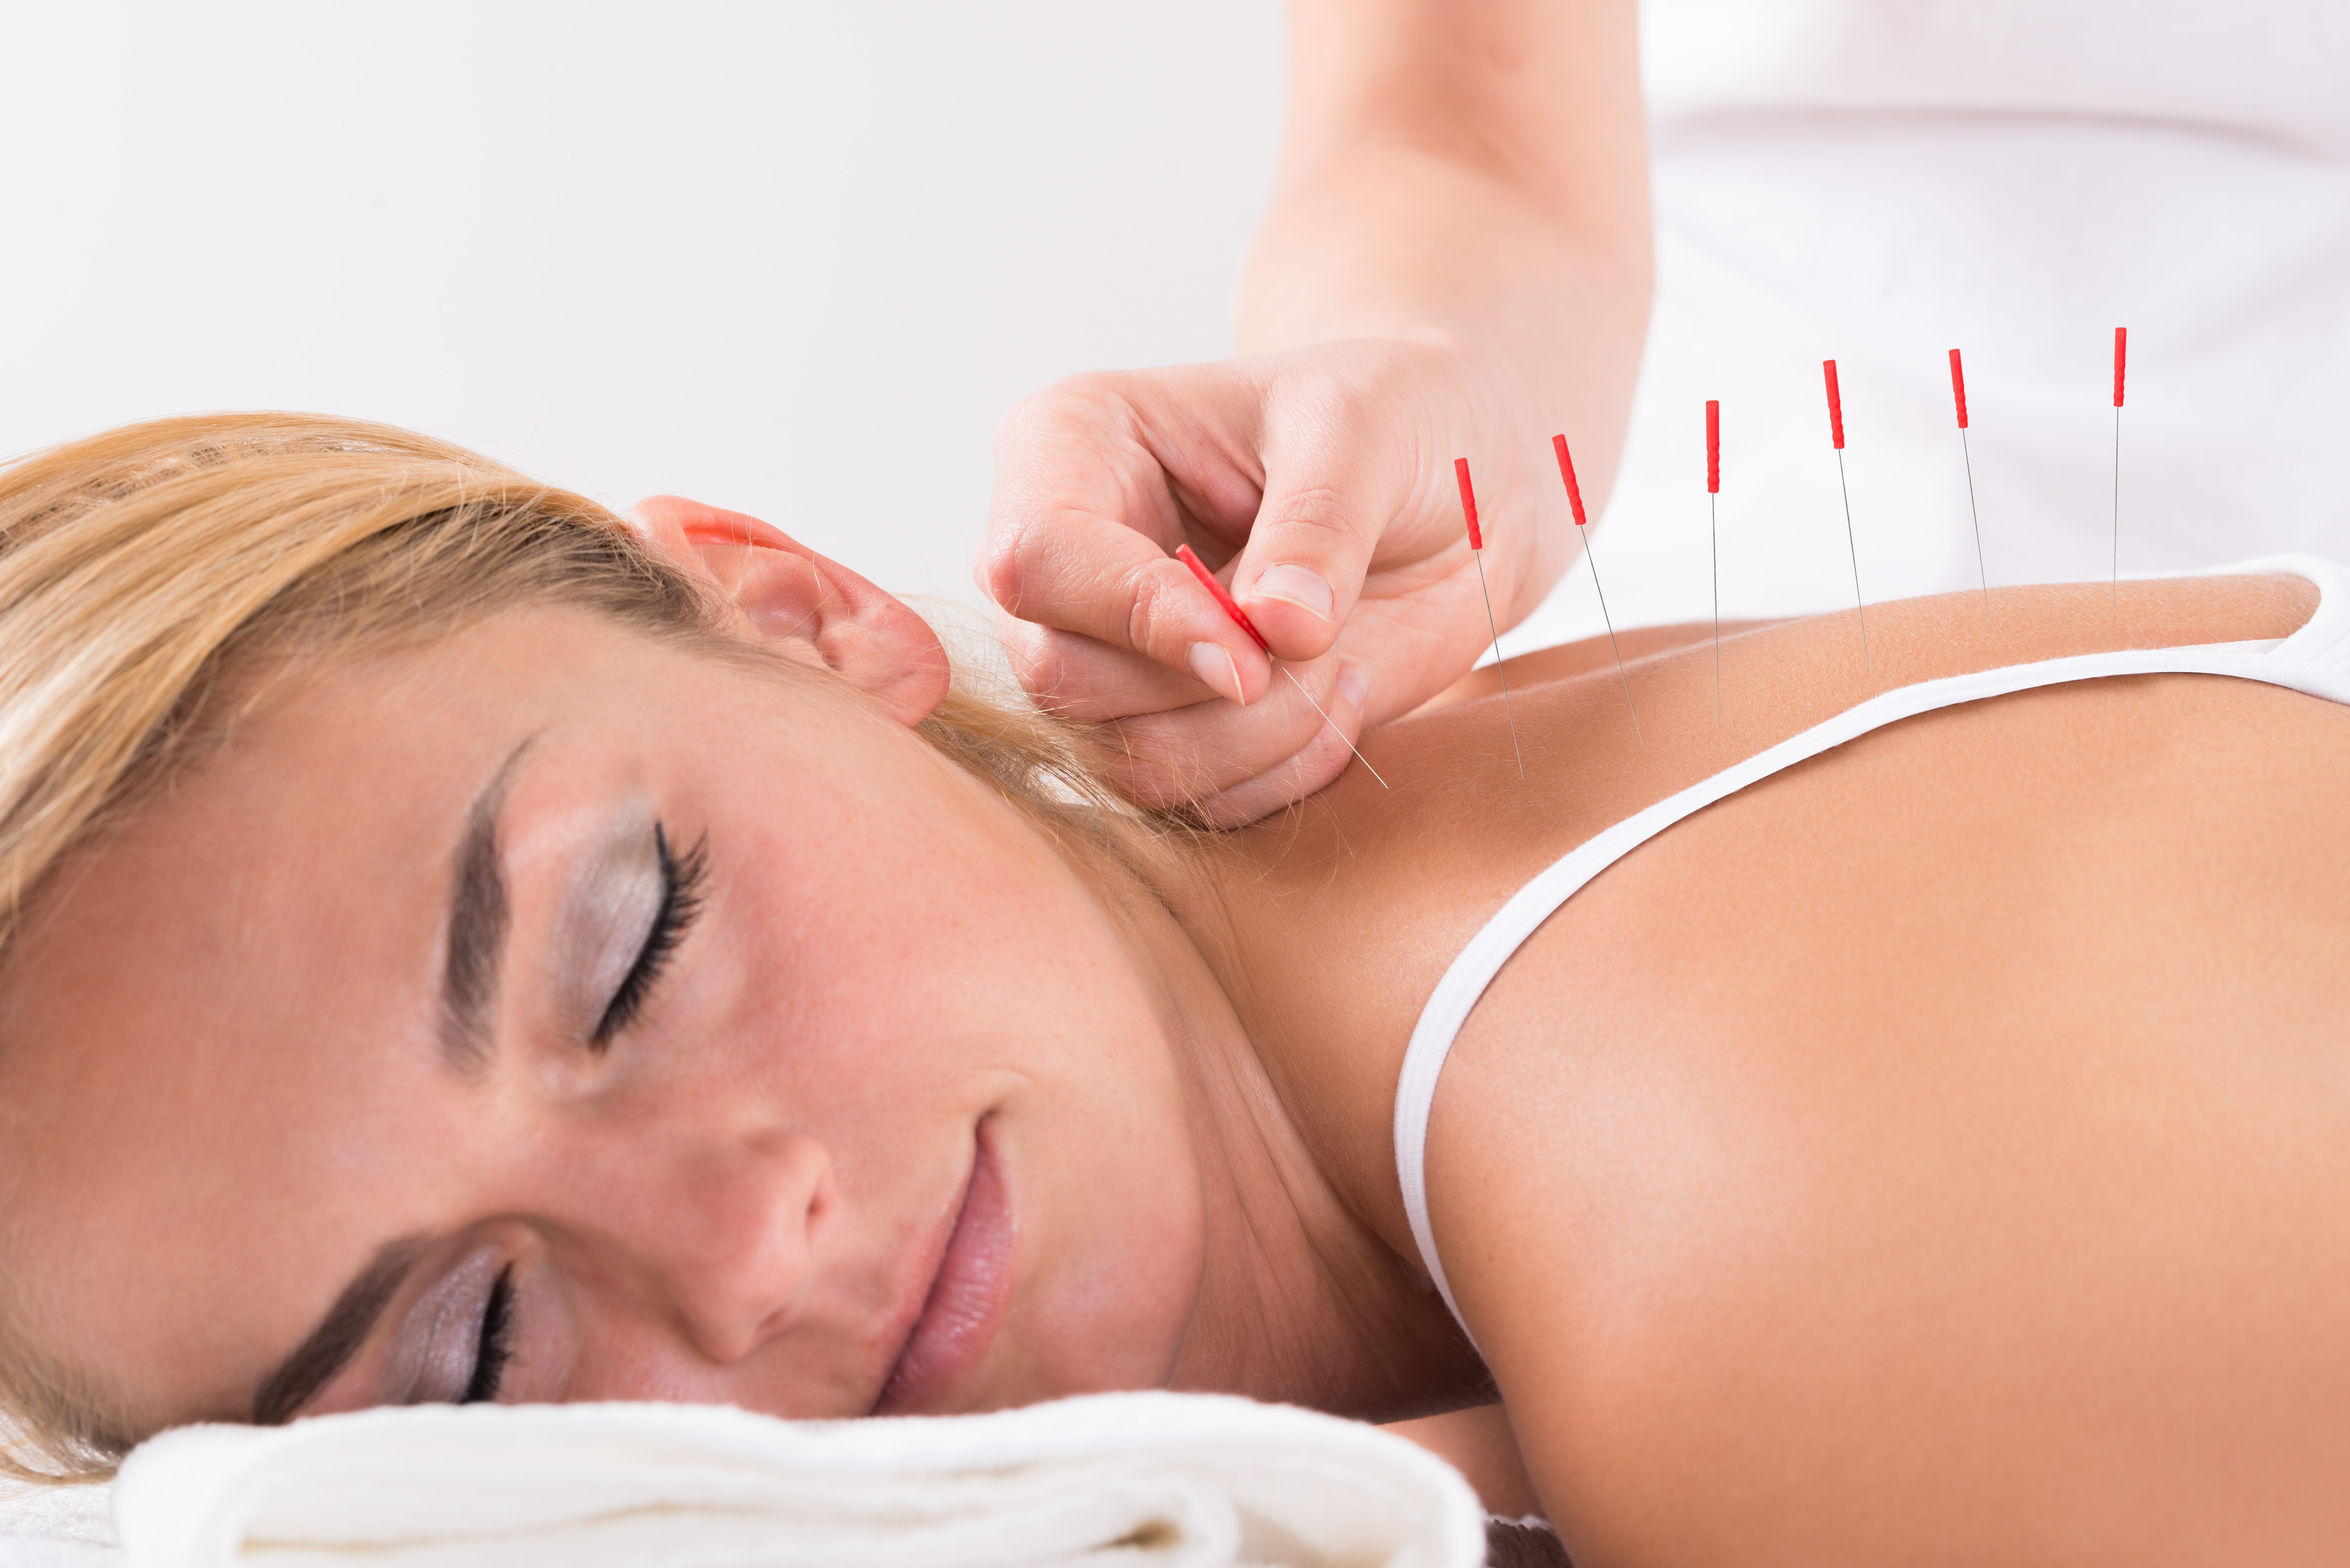 foto di paziente durante agopuntura per fertilità